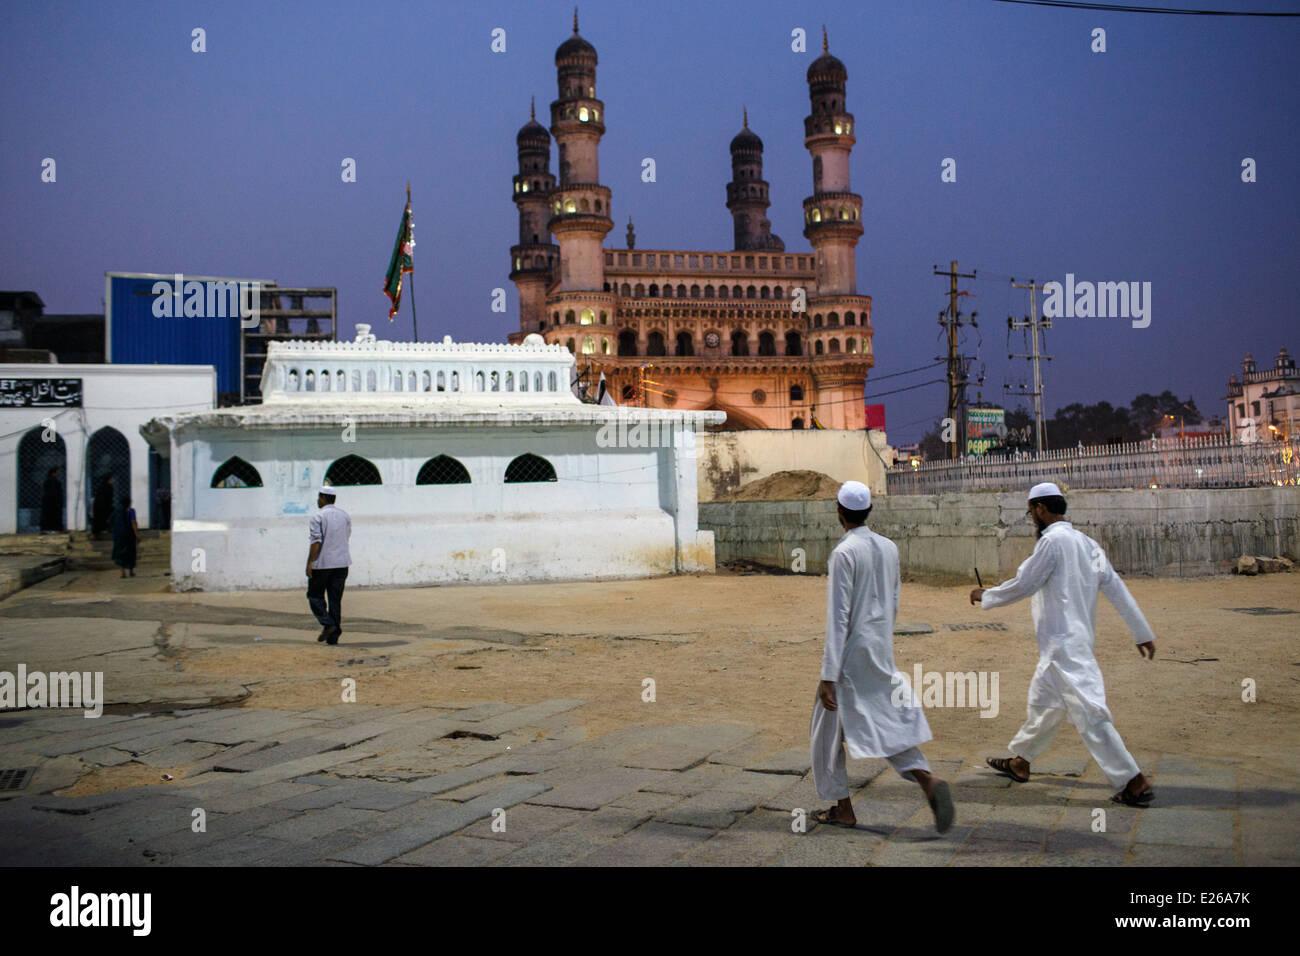 Charminar visto dalla Mecca (Makkah) Masjid moschea a Hyderabad, India. Immagini Stock